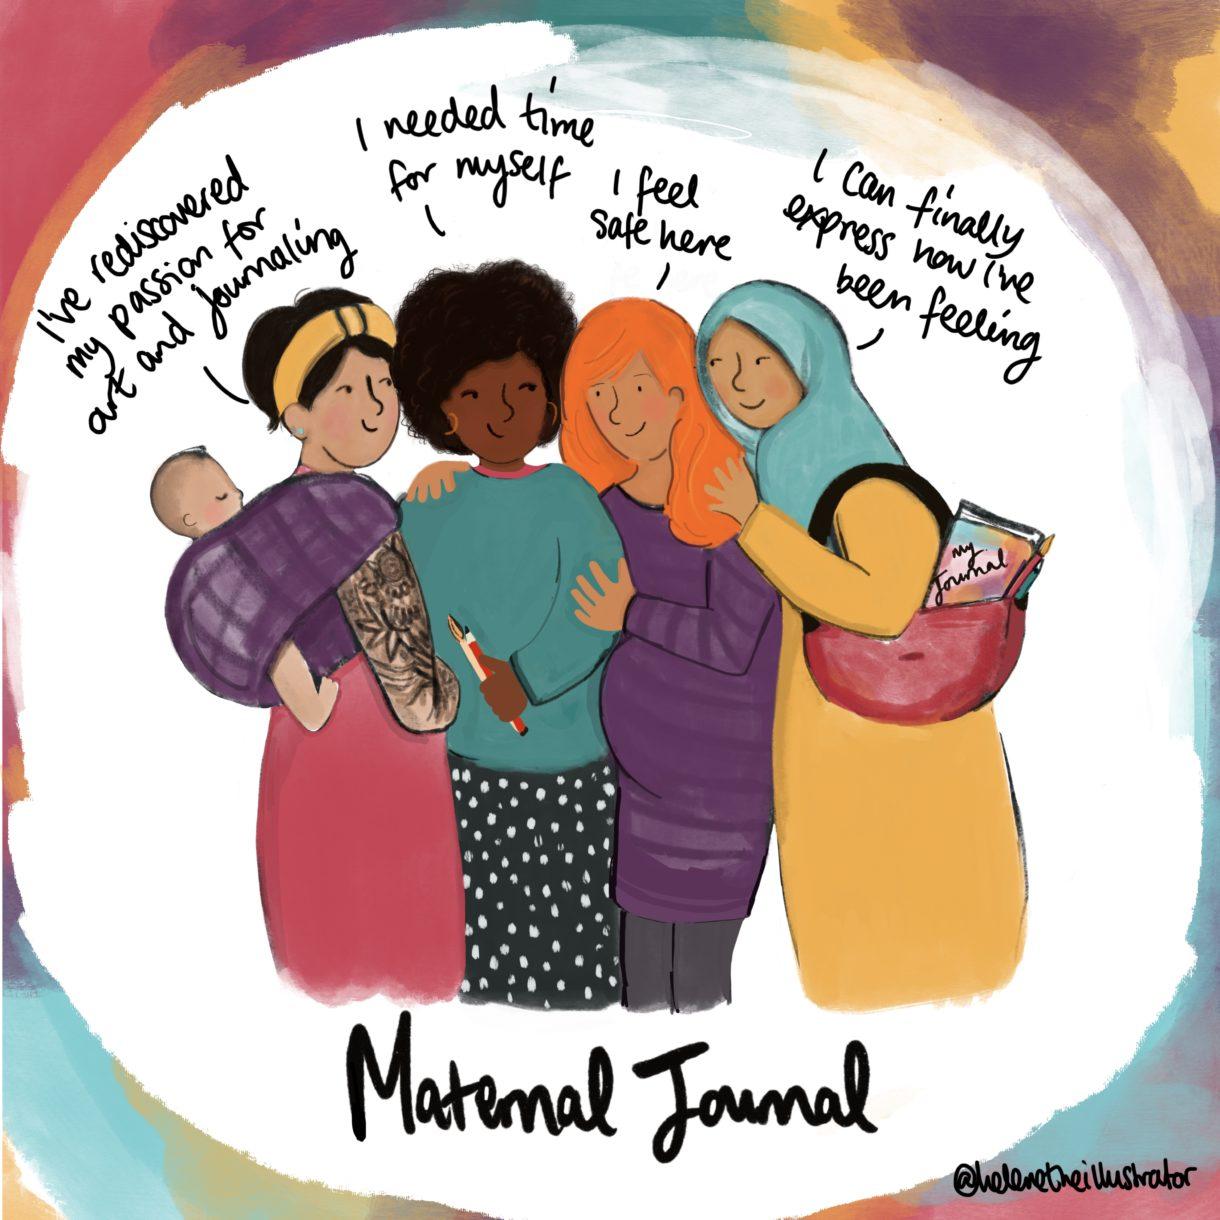 Maternal Journal